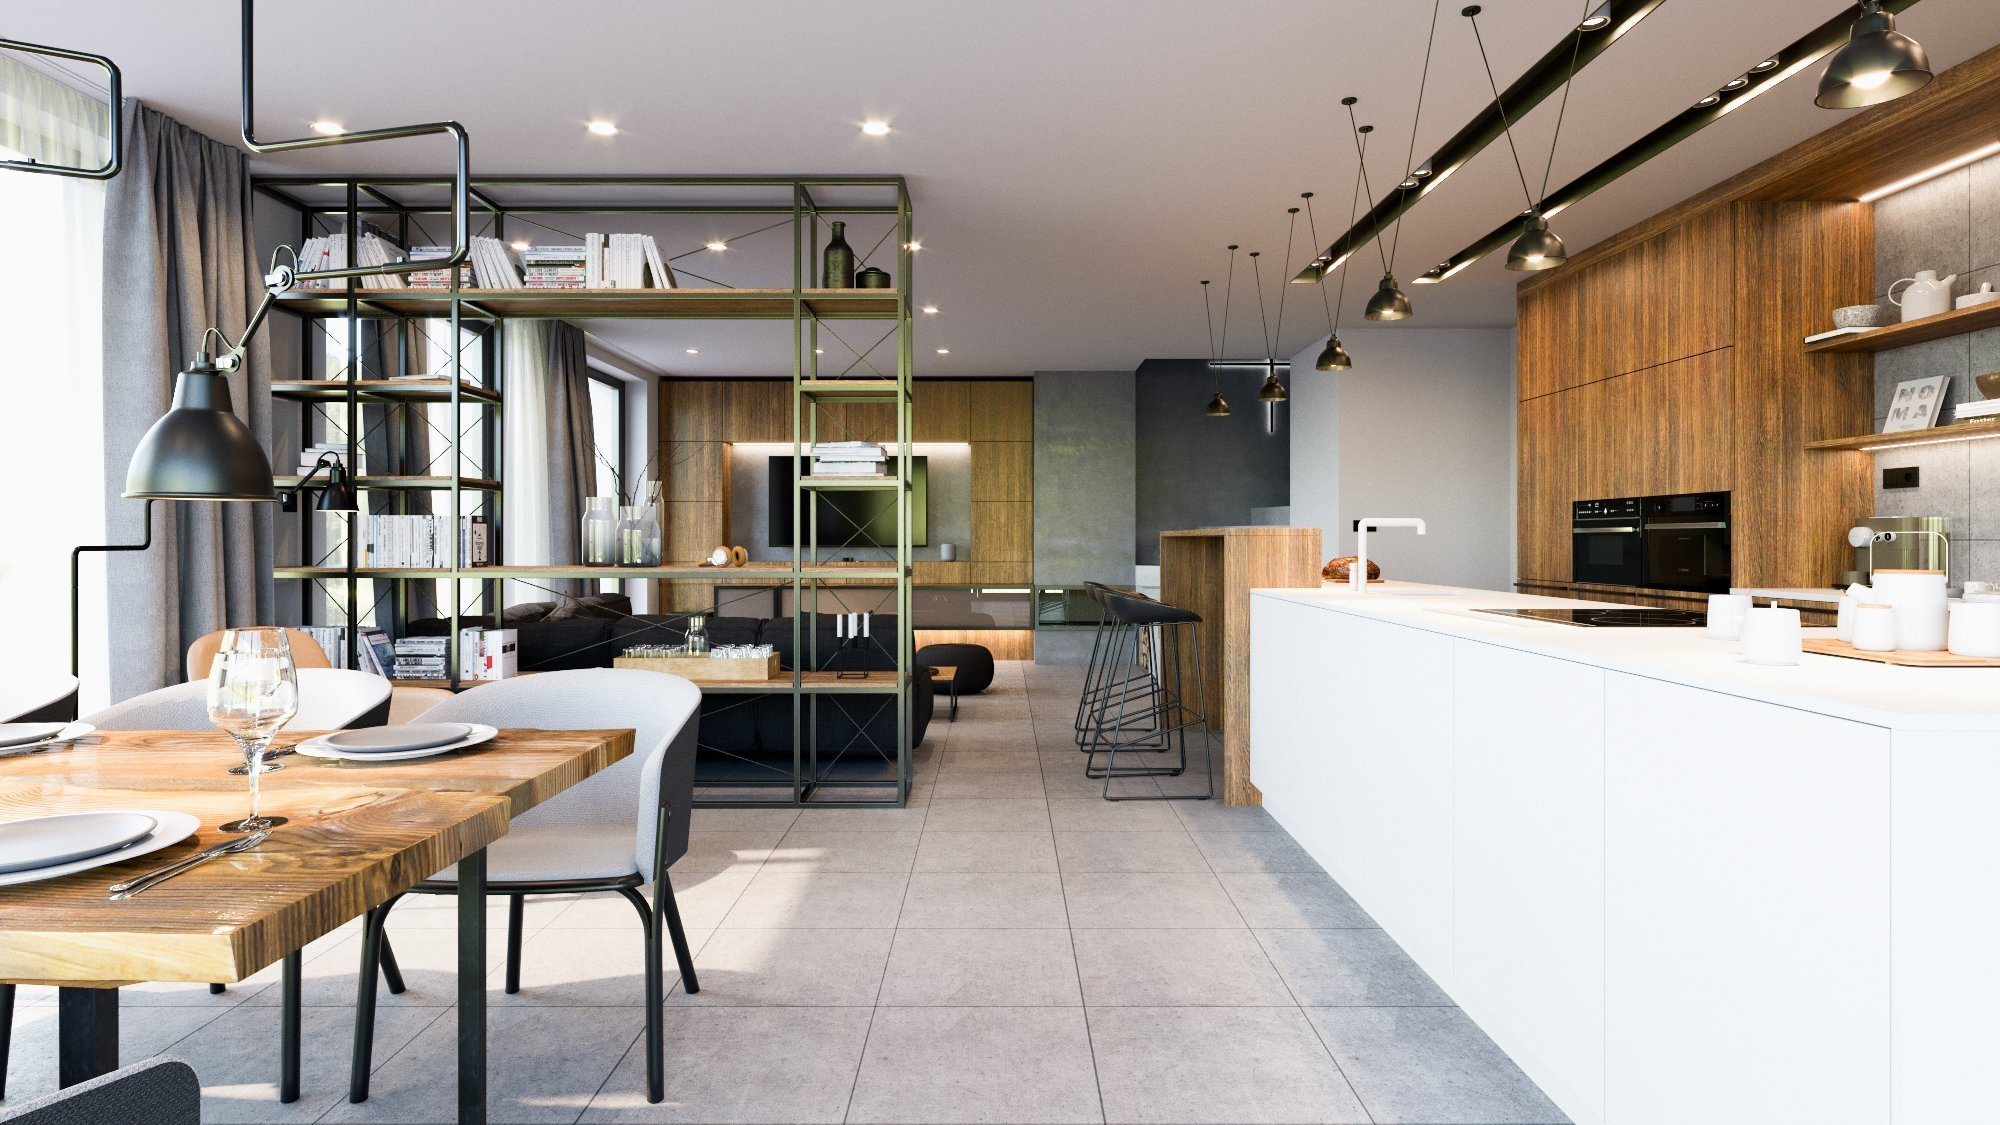 Interiér rodinného domu Nelahozeves - studie domu, kompletní projektová dokumentace, projekt interiéru